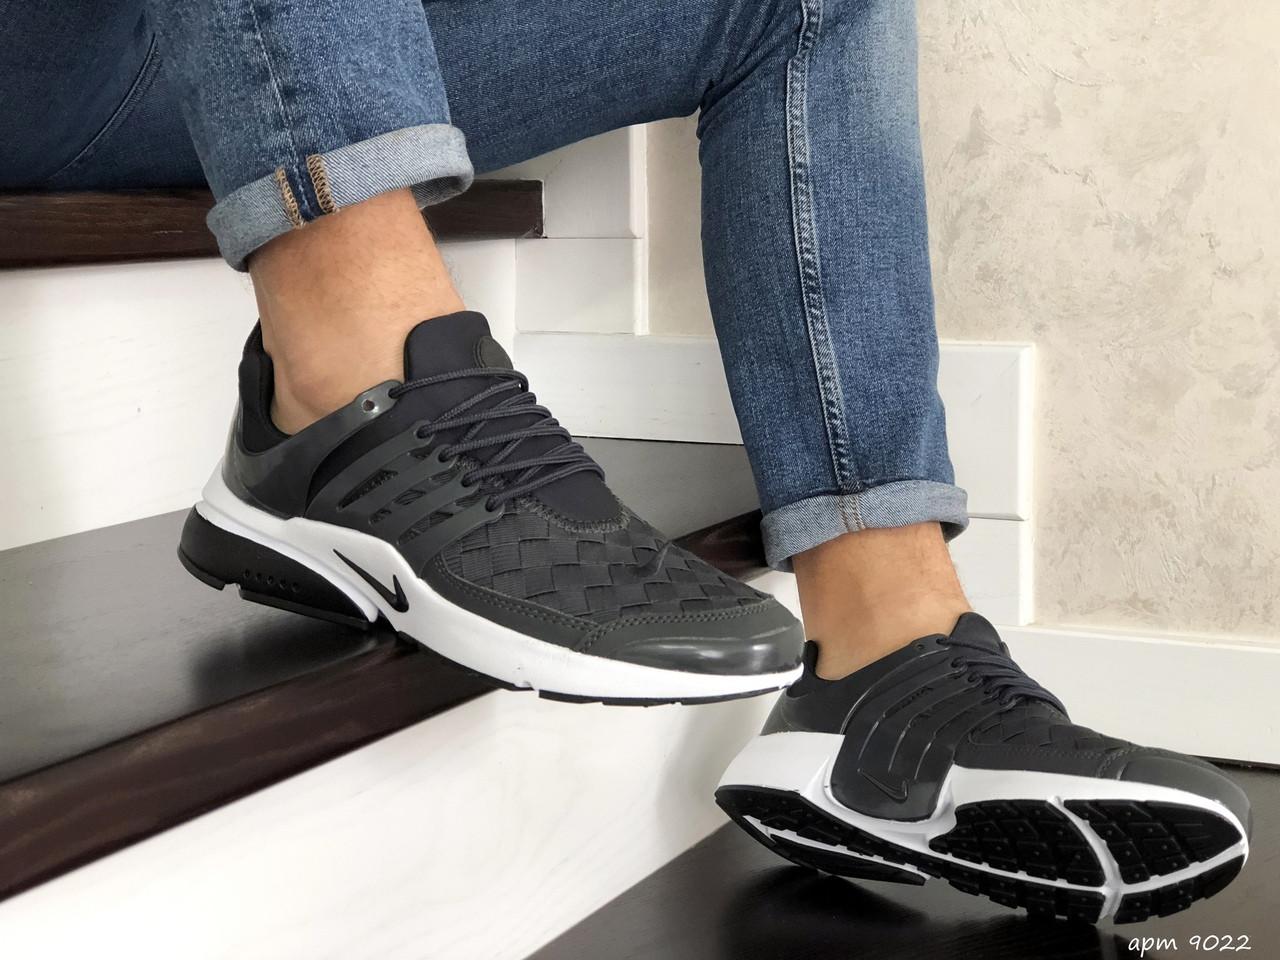 Мужские кроссовки Nike Air Presto TP QS (темно-серые) 9022